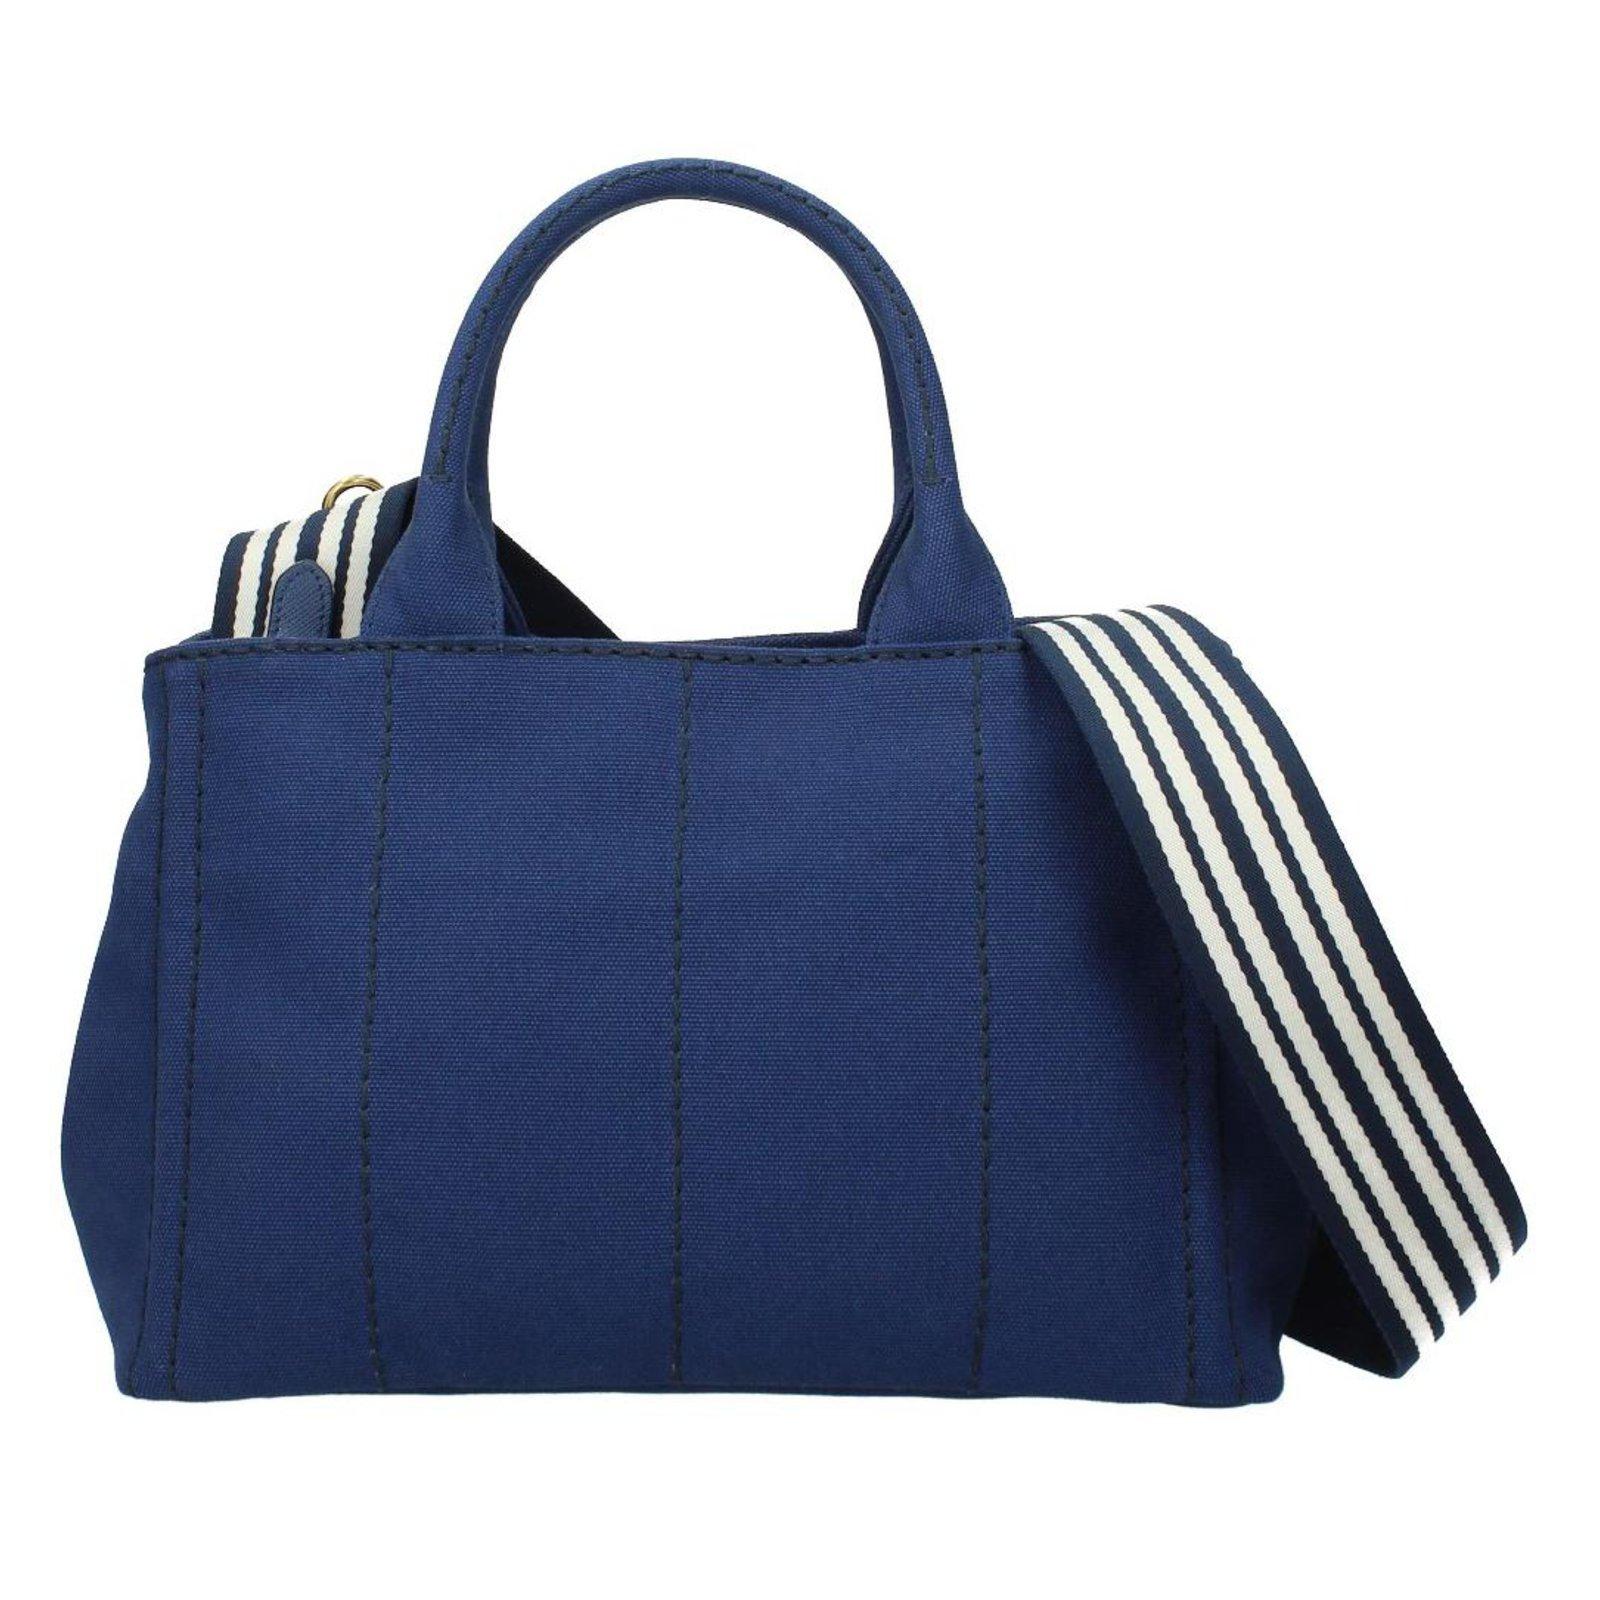 ... coupon code for prada handbag handbags other blue ref.77857 joli closet  2c280 a4d3e 894f6fdcb4ea4